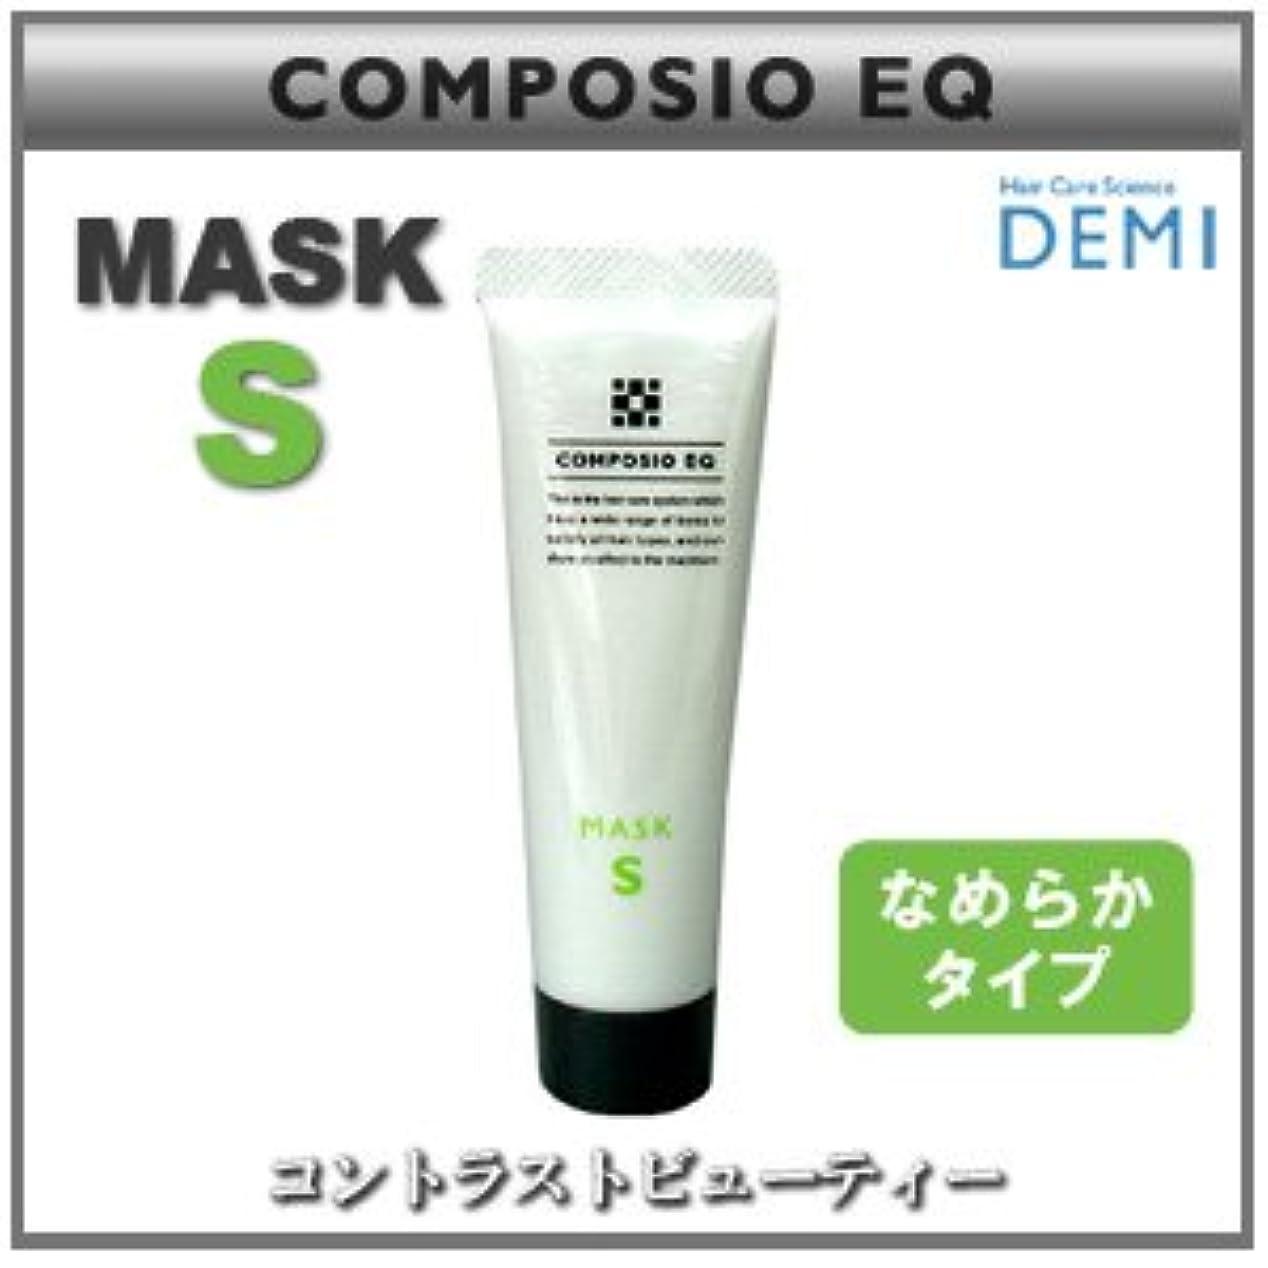 遺跡捕虜重要【X3個セット】 デミ コンポジオ EQ マスク S 50g